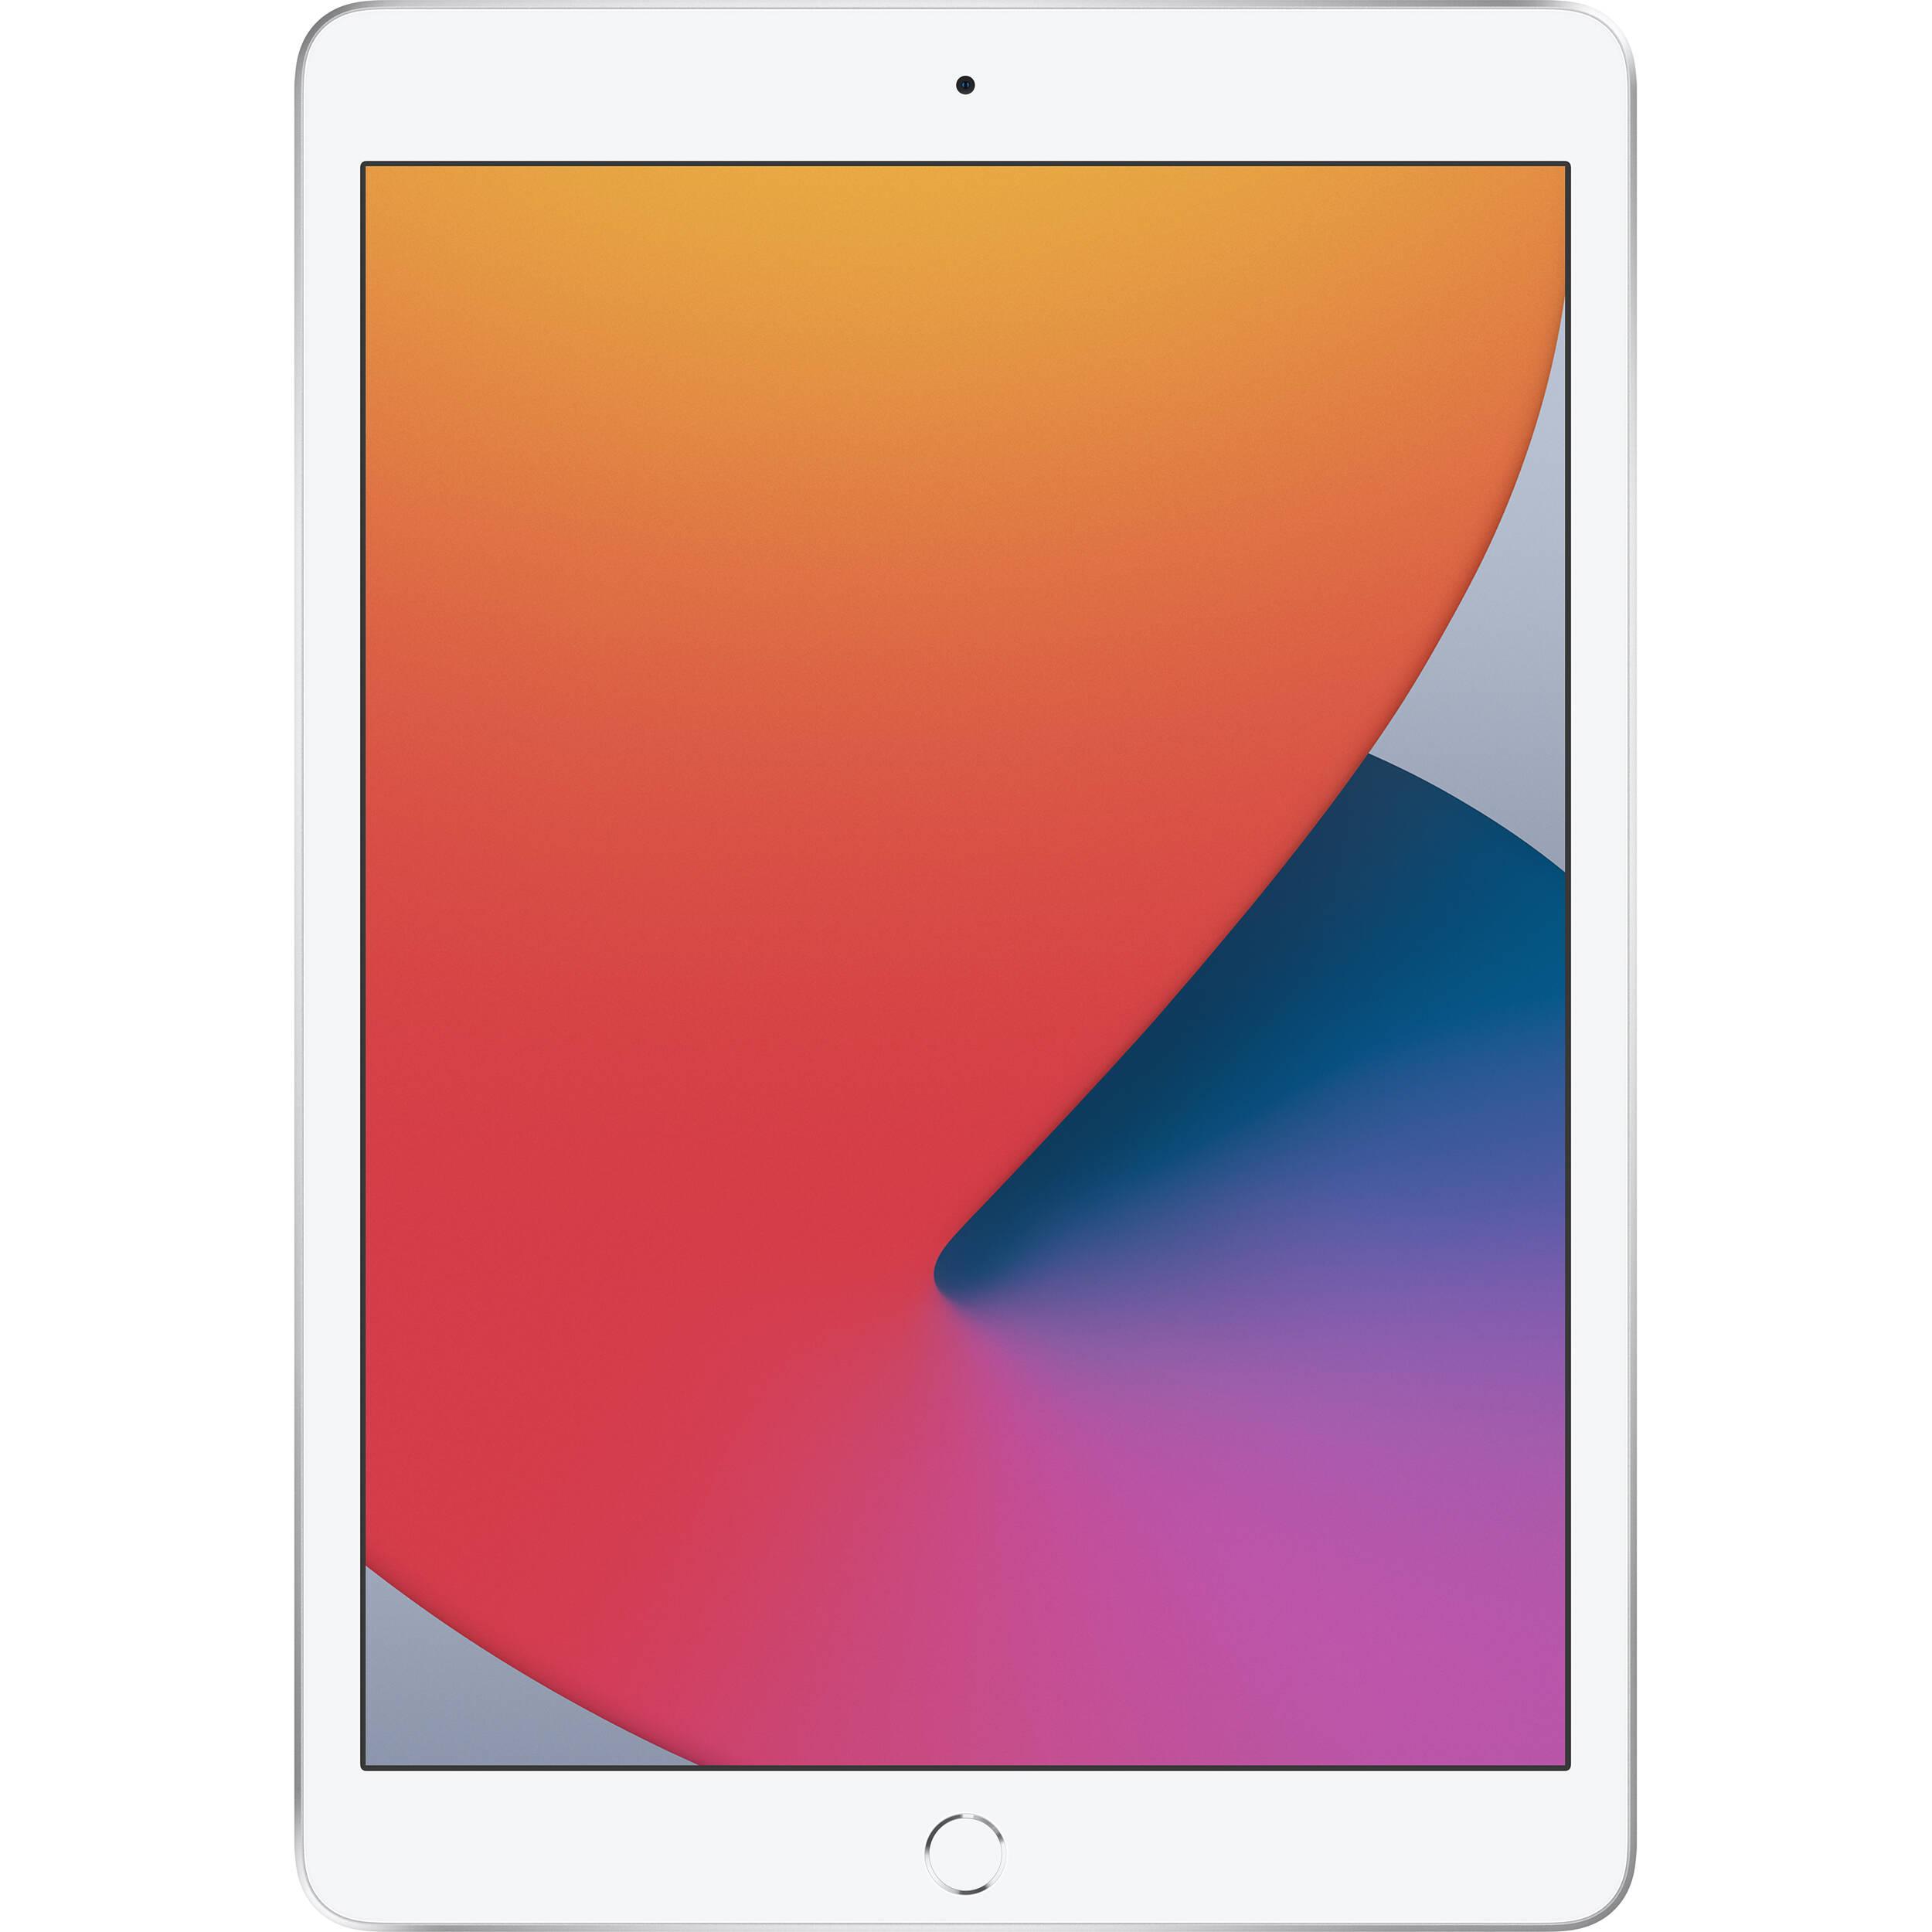 تبلت اپل مدل iPad 10.2 inch 2020 4G/LTE ظرفیت 128 گیگابایت  main 1 6